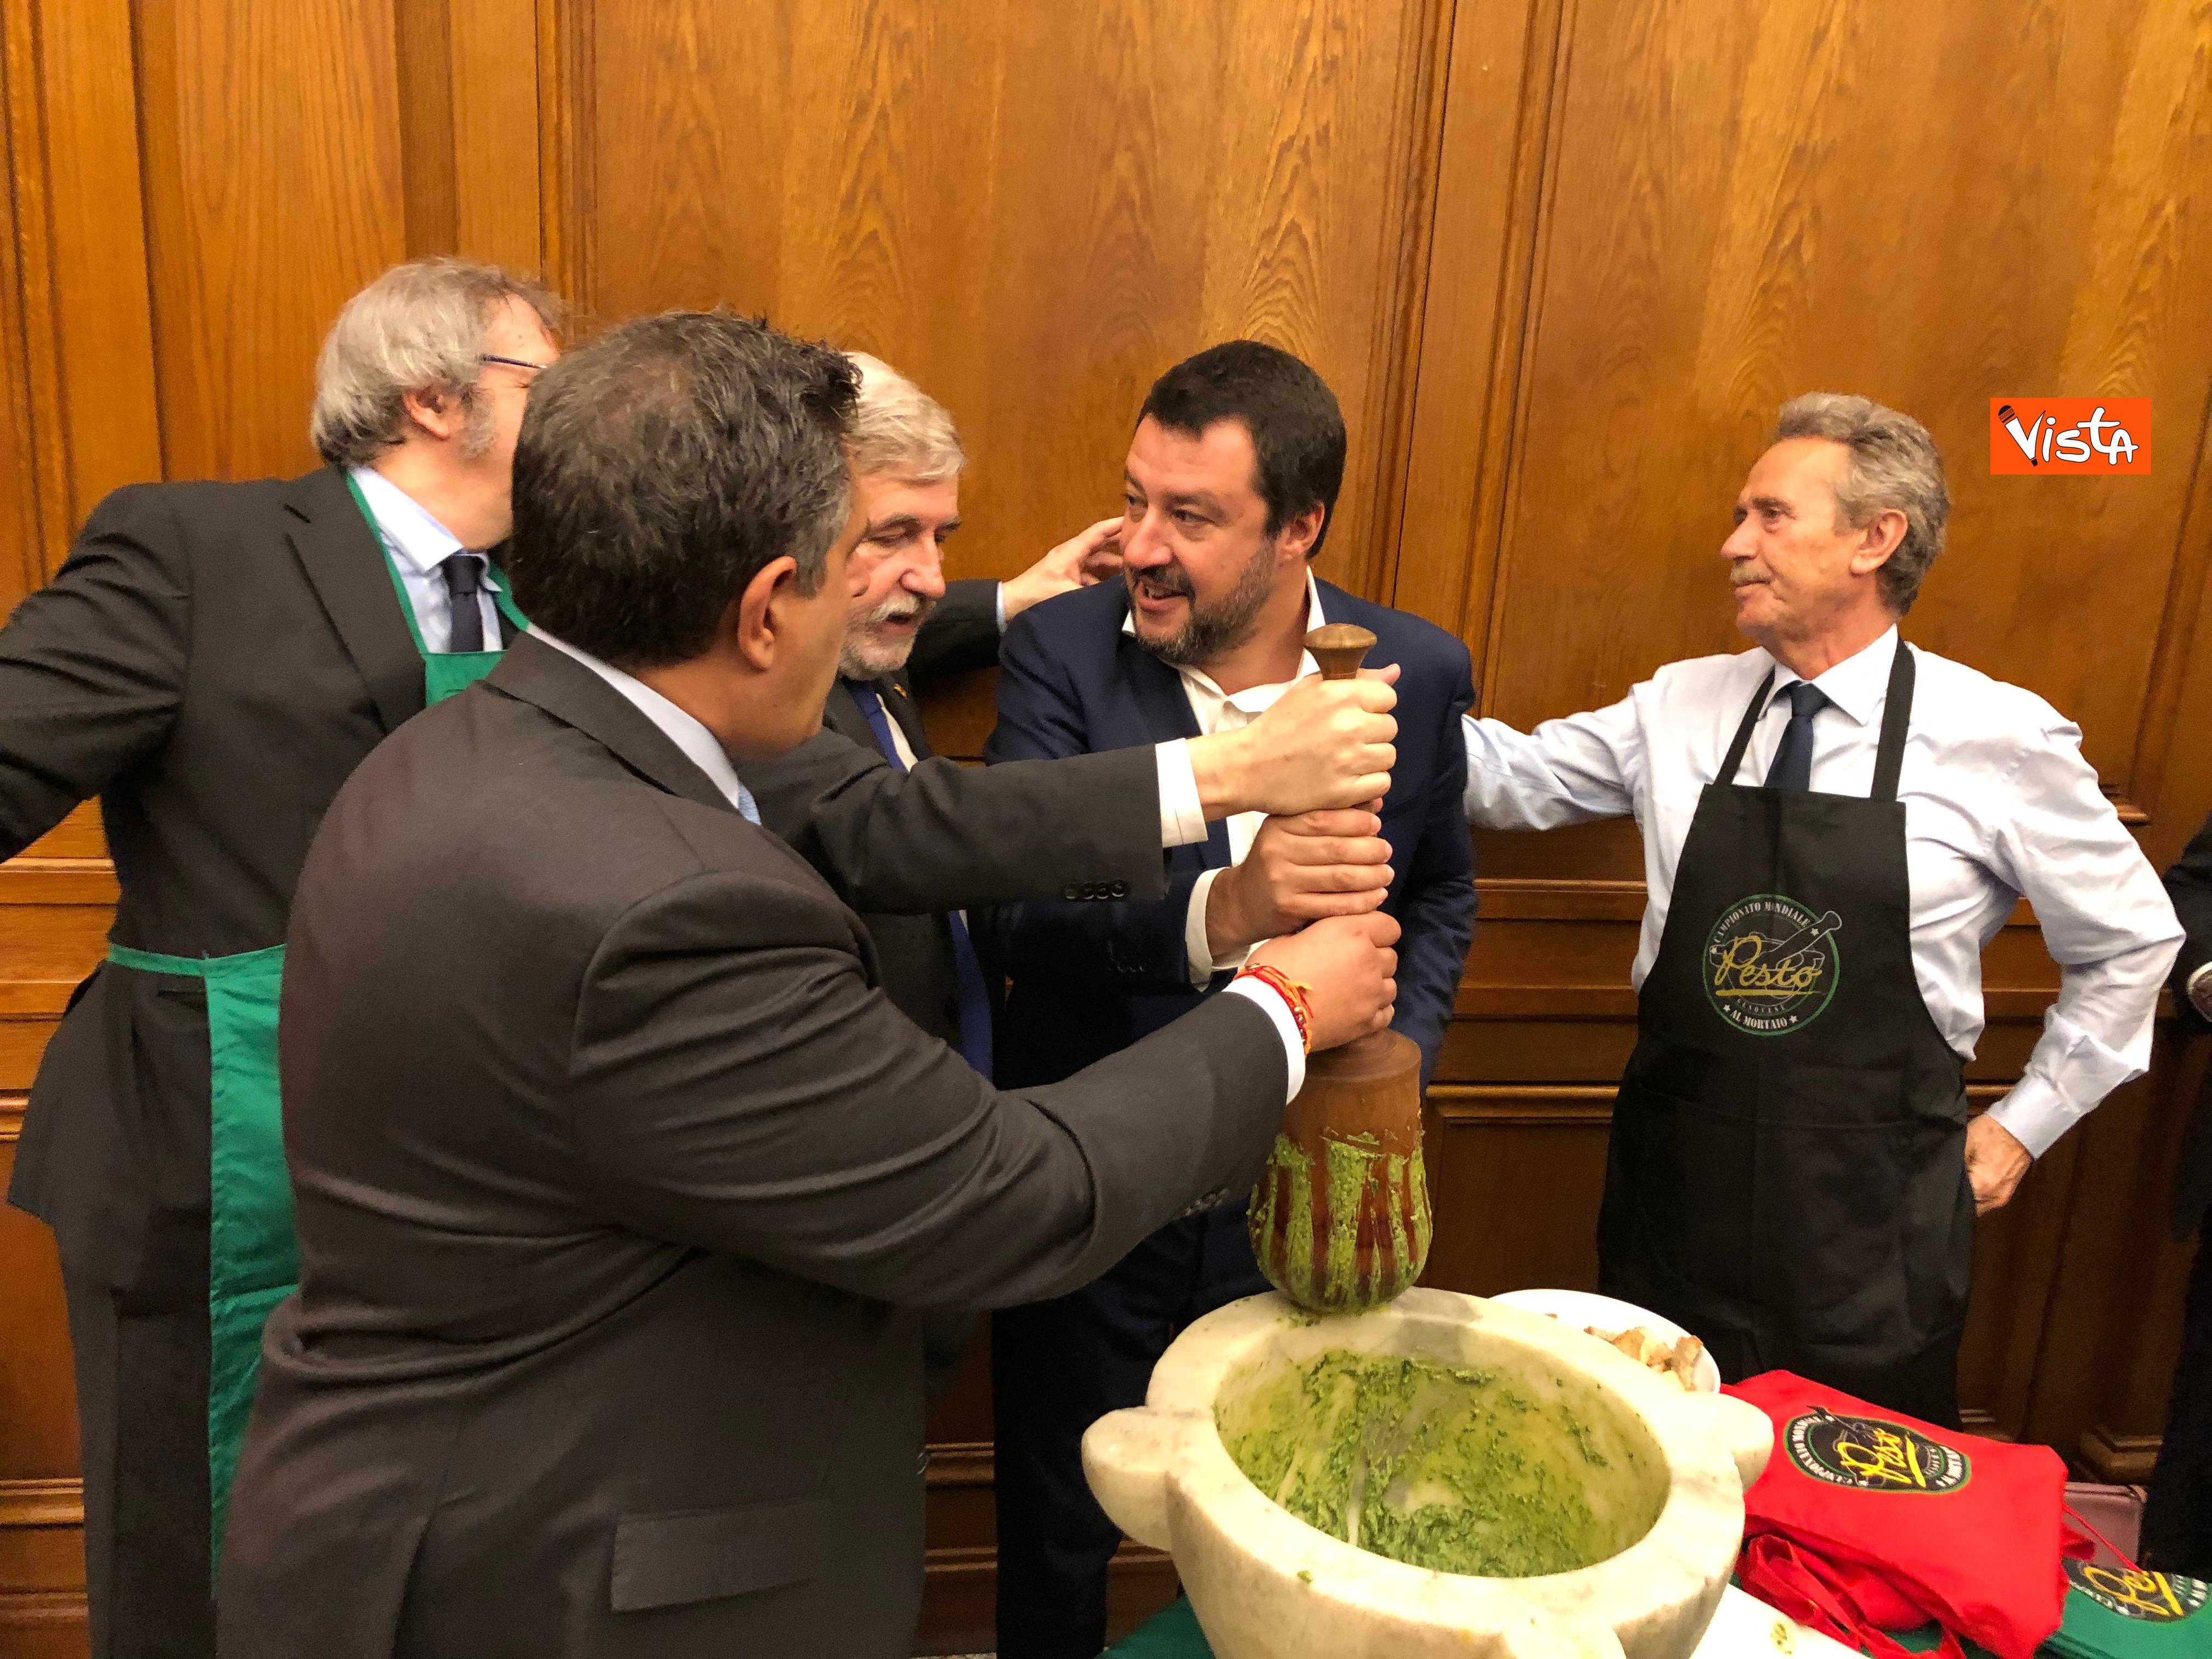 16-04-19 Il patto del pesto Conte Salvini e Toti mangiano le trofie a Montecitorio_02